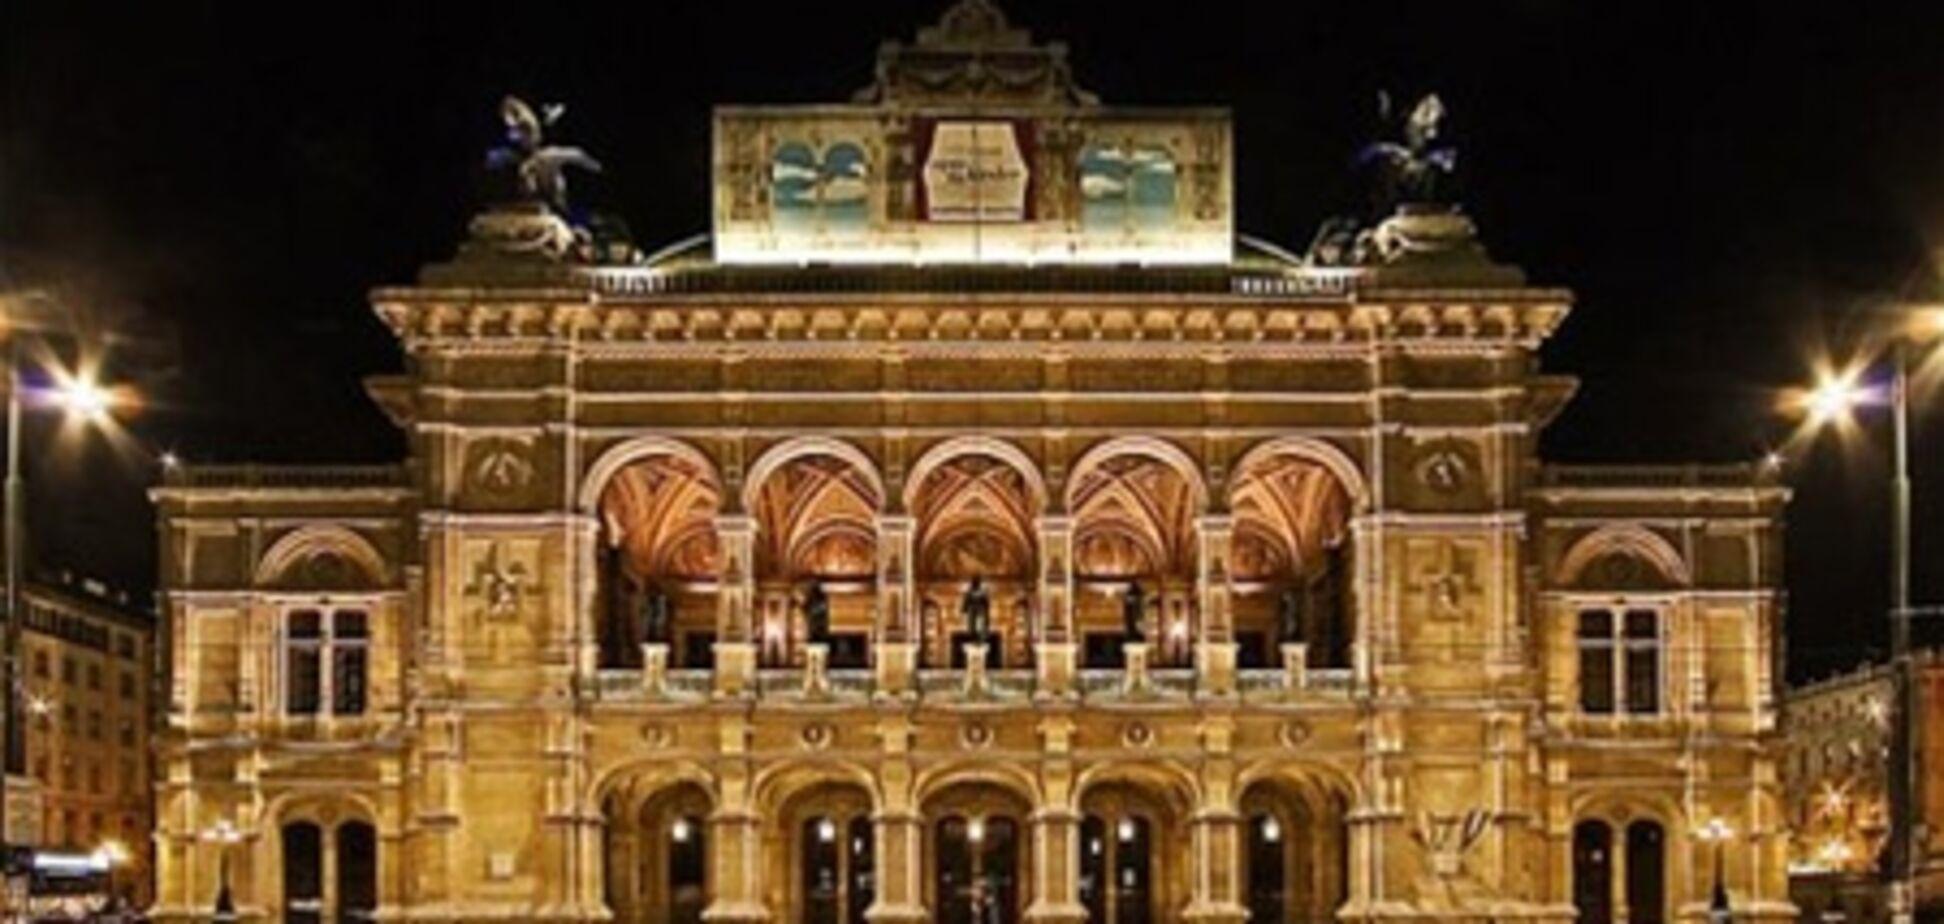 Знаменитую Венскую оперу можно послушать бесплатно